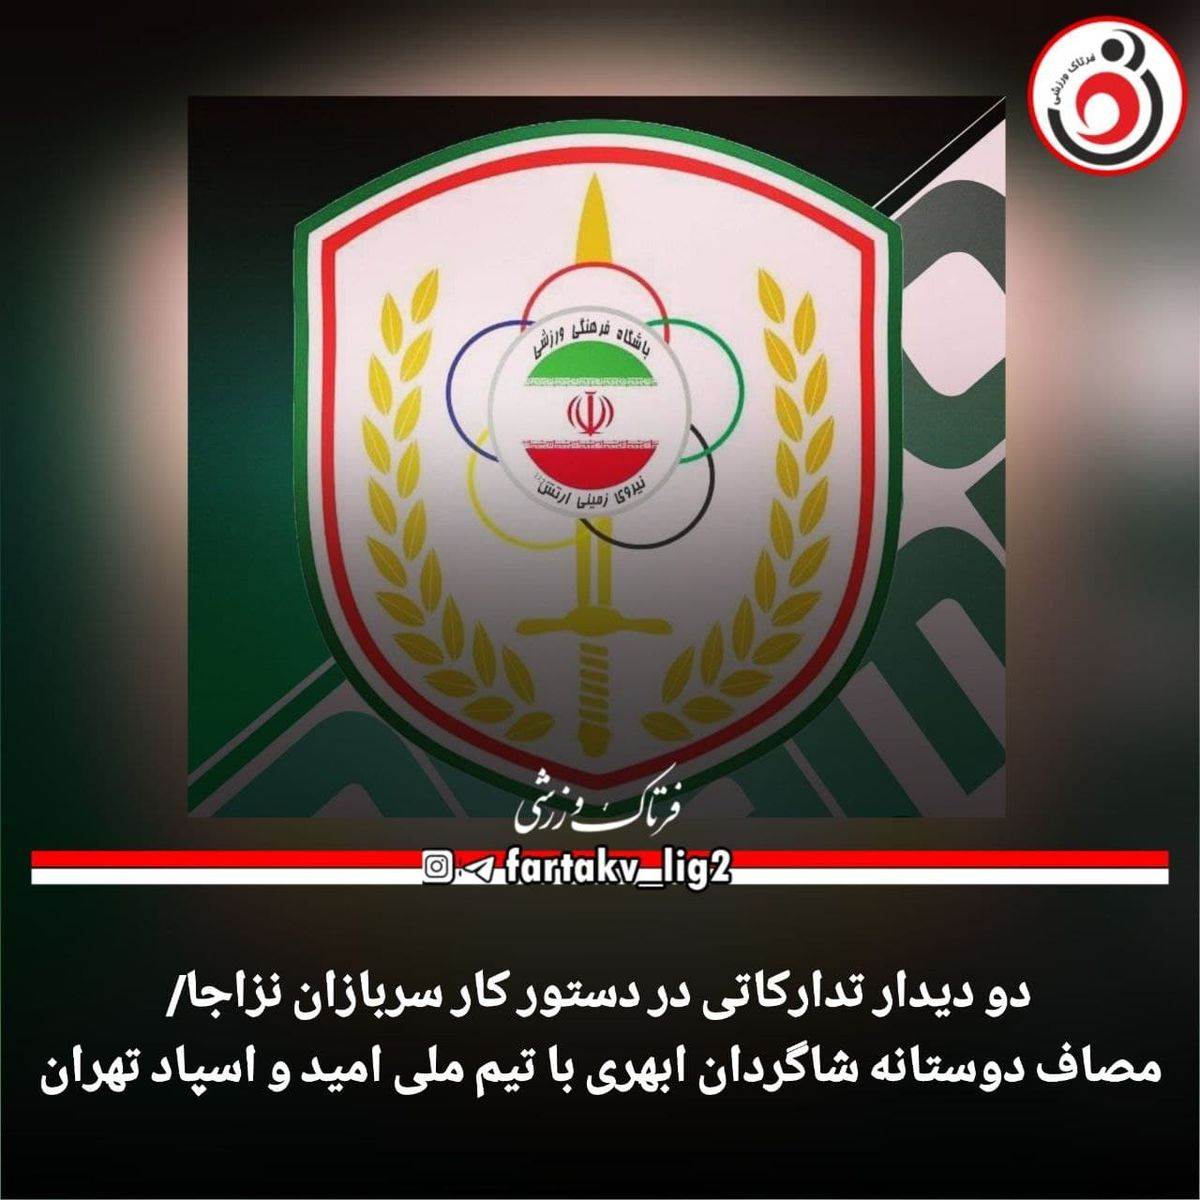 دو دیدار تدارکاتی در دستور کار سربازان نزاجا/مصاف دوستانه شاگردان ابهری با تیم ملی امید و اسپاد تهران